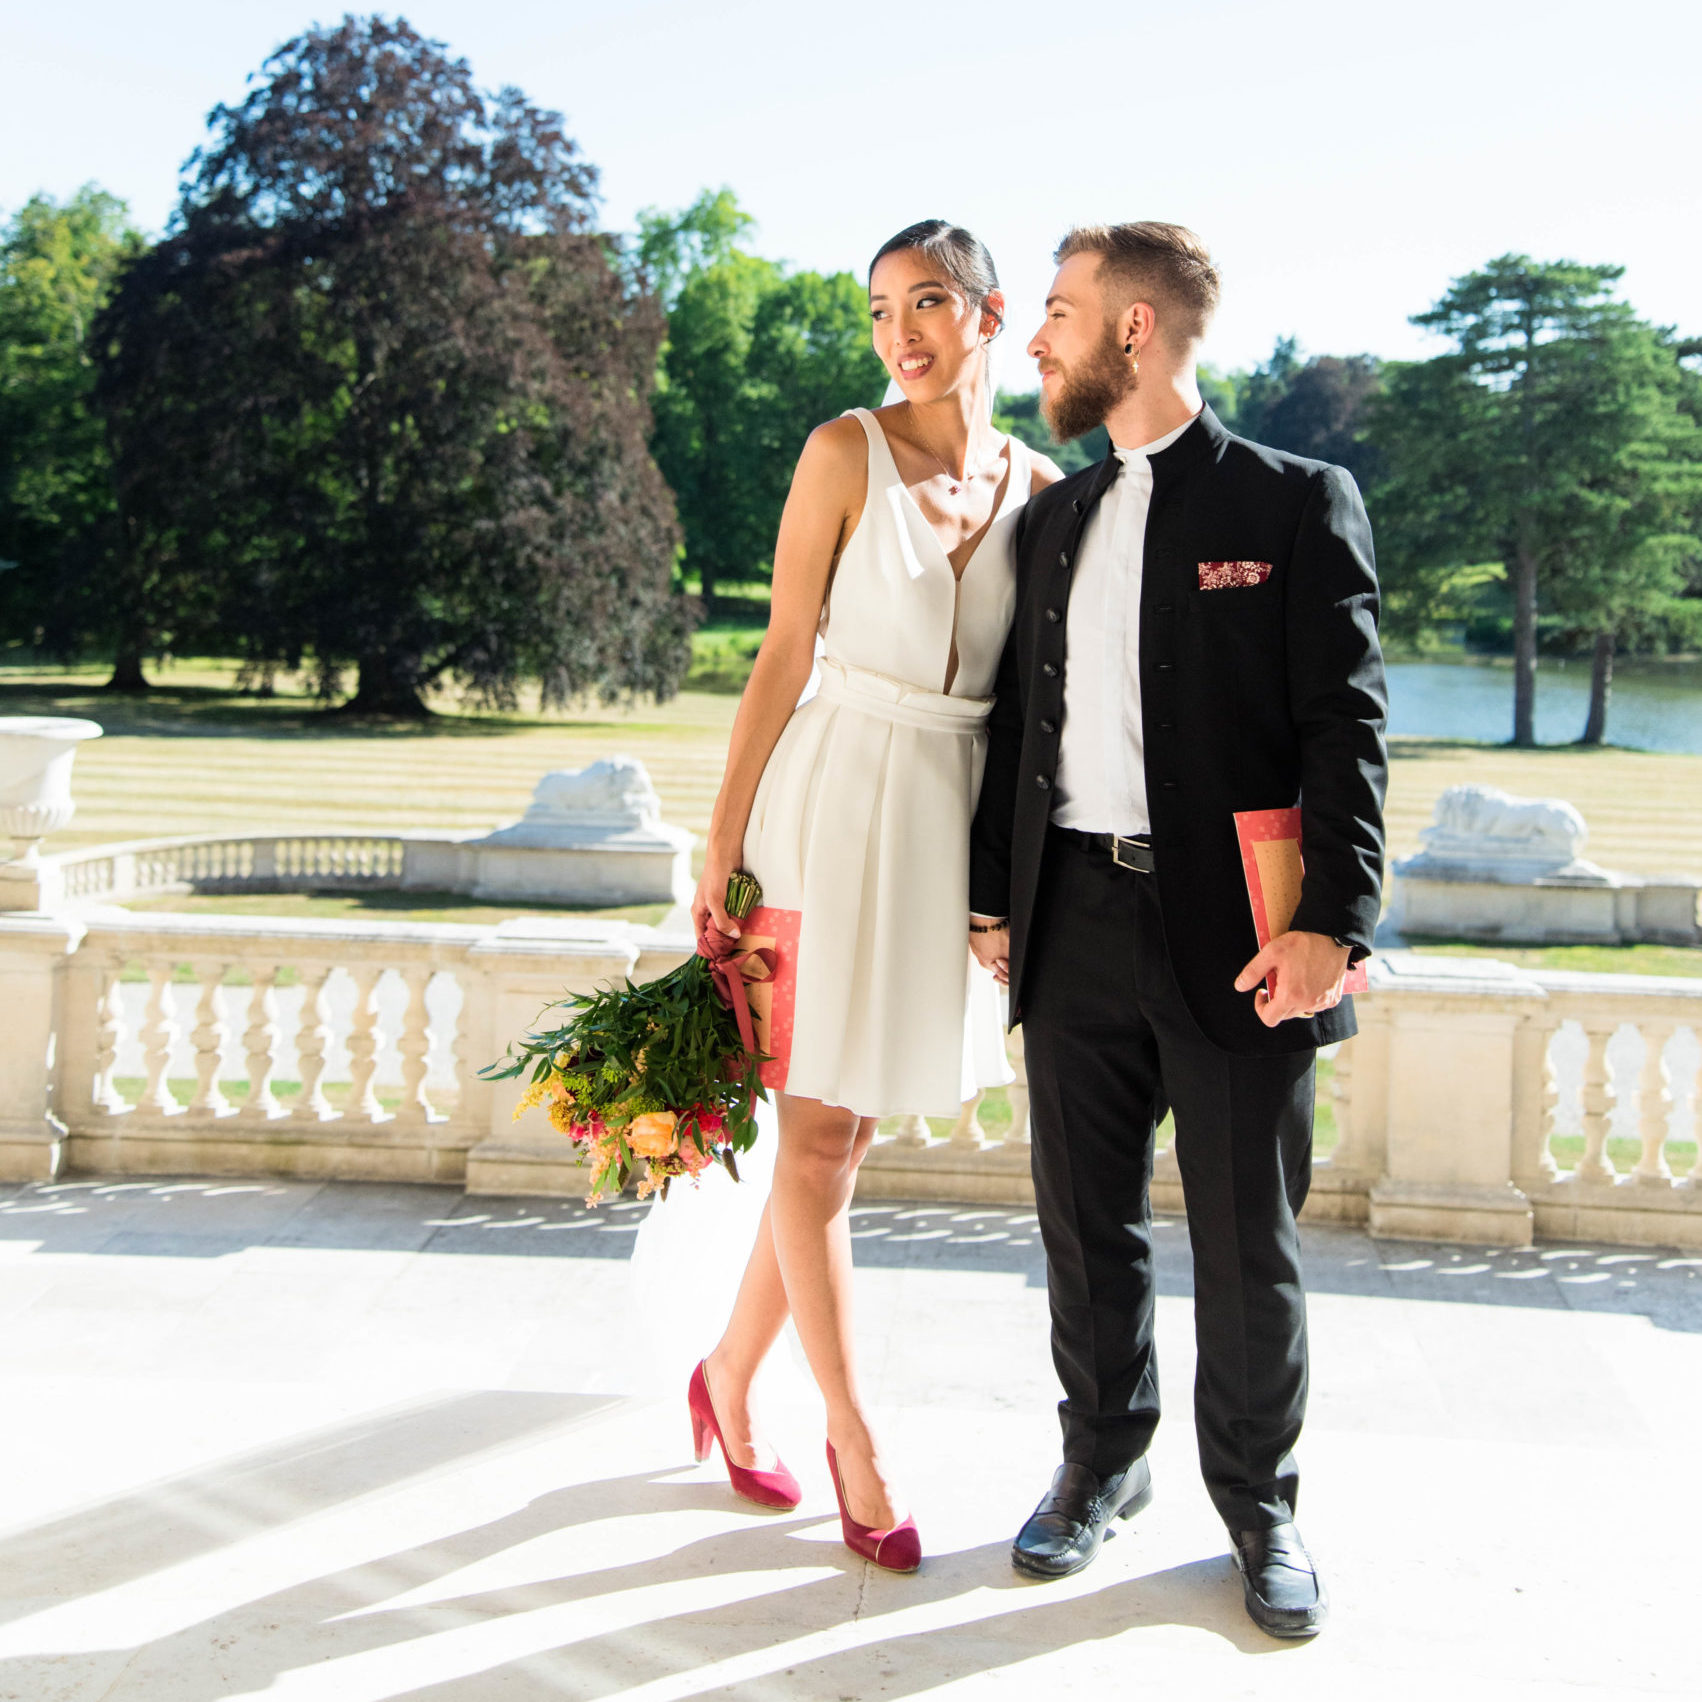 Comment profiter de votre belle journée de mariage (qui passe bien tropvite!)